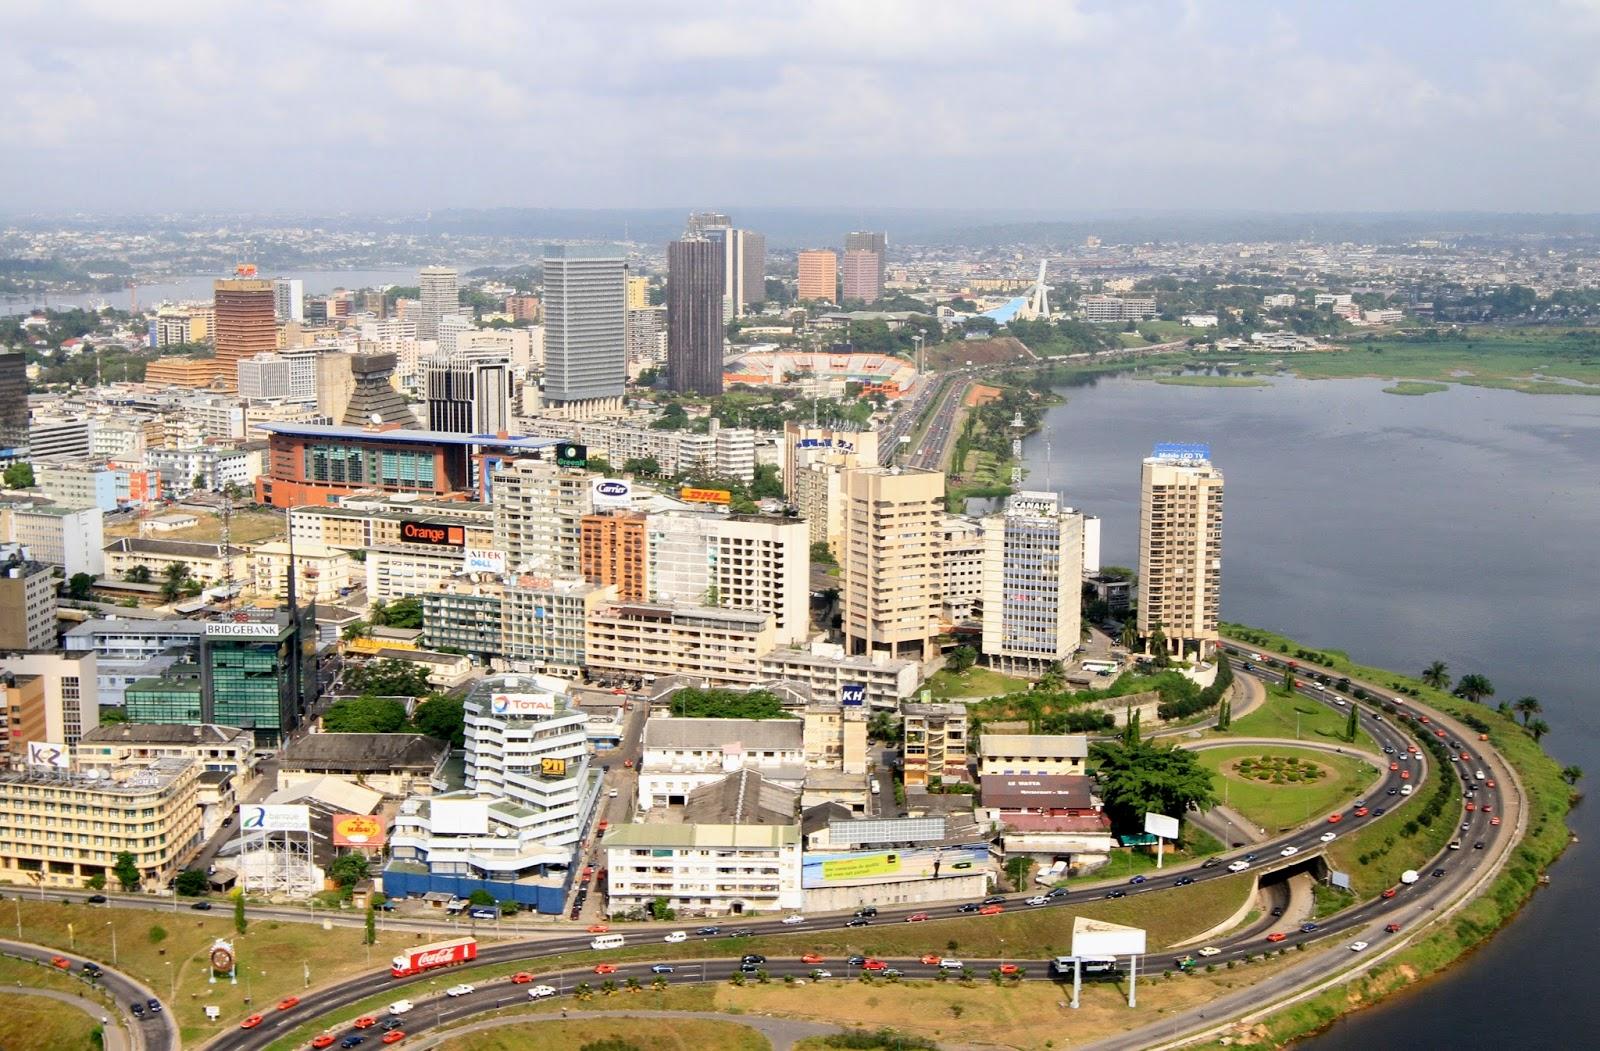 El cubano les 10 plus belles villes d 39 afrique - Quel est le plus grand port d afrique ...